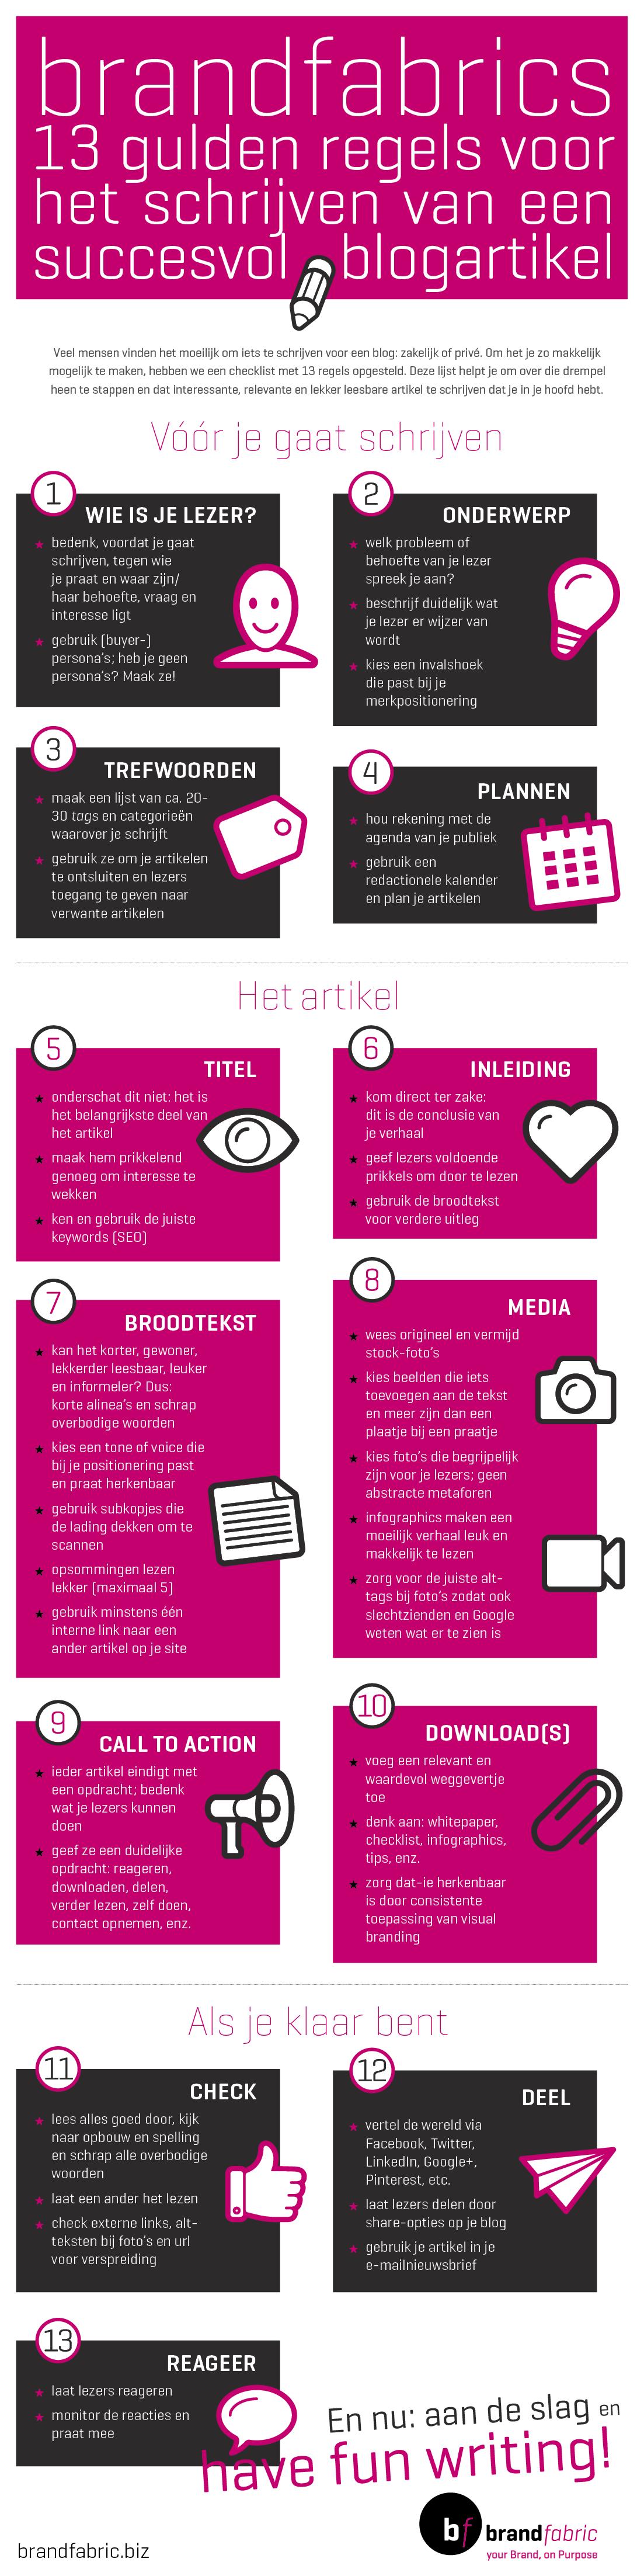 brandfabrics 13 gulden regels voor het schrijven van een succesvol blogartikel